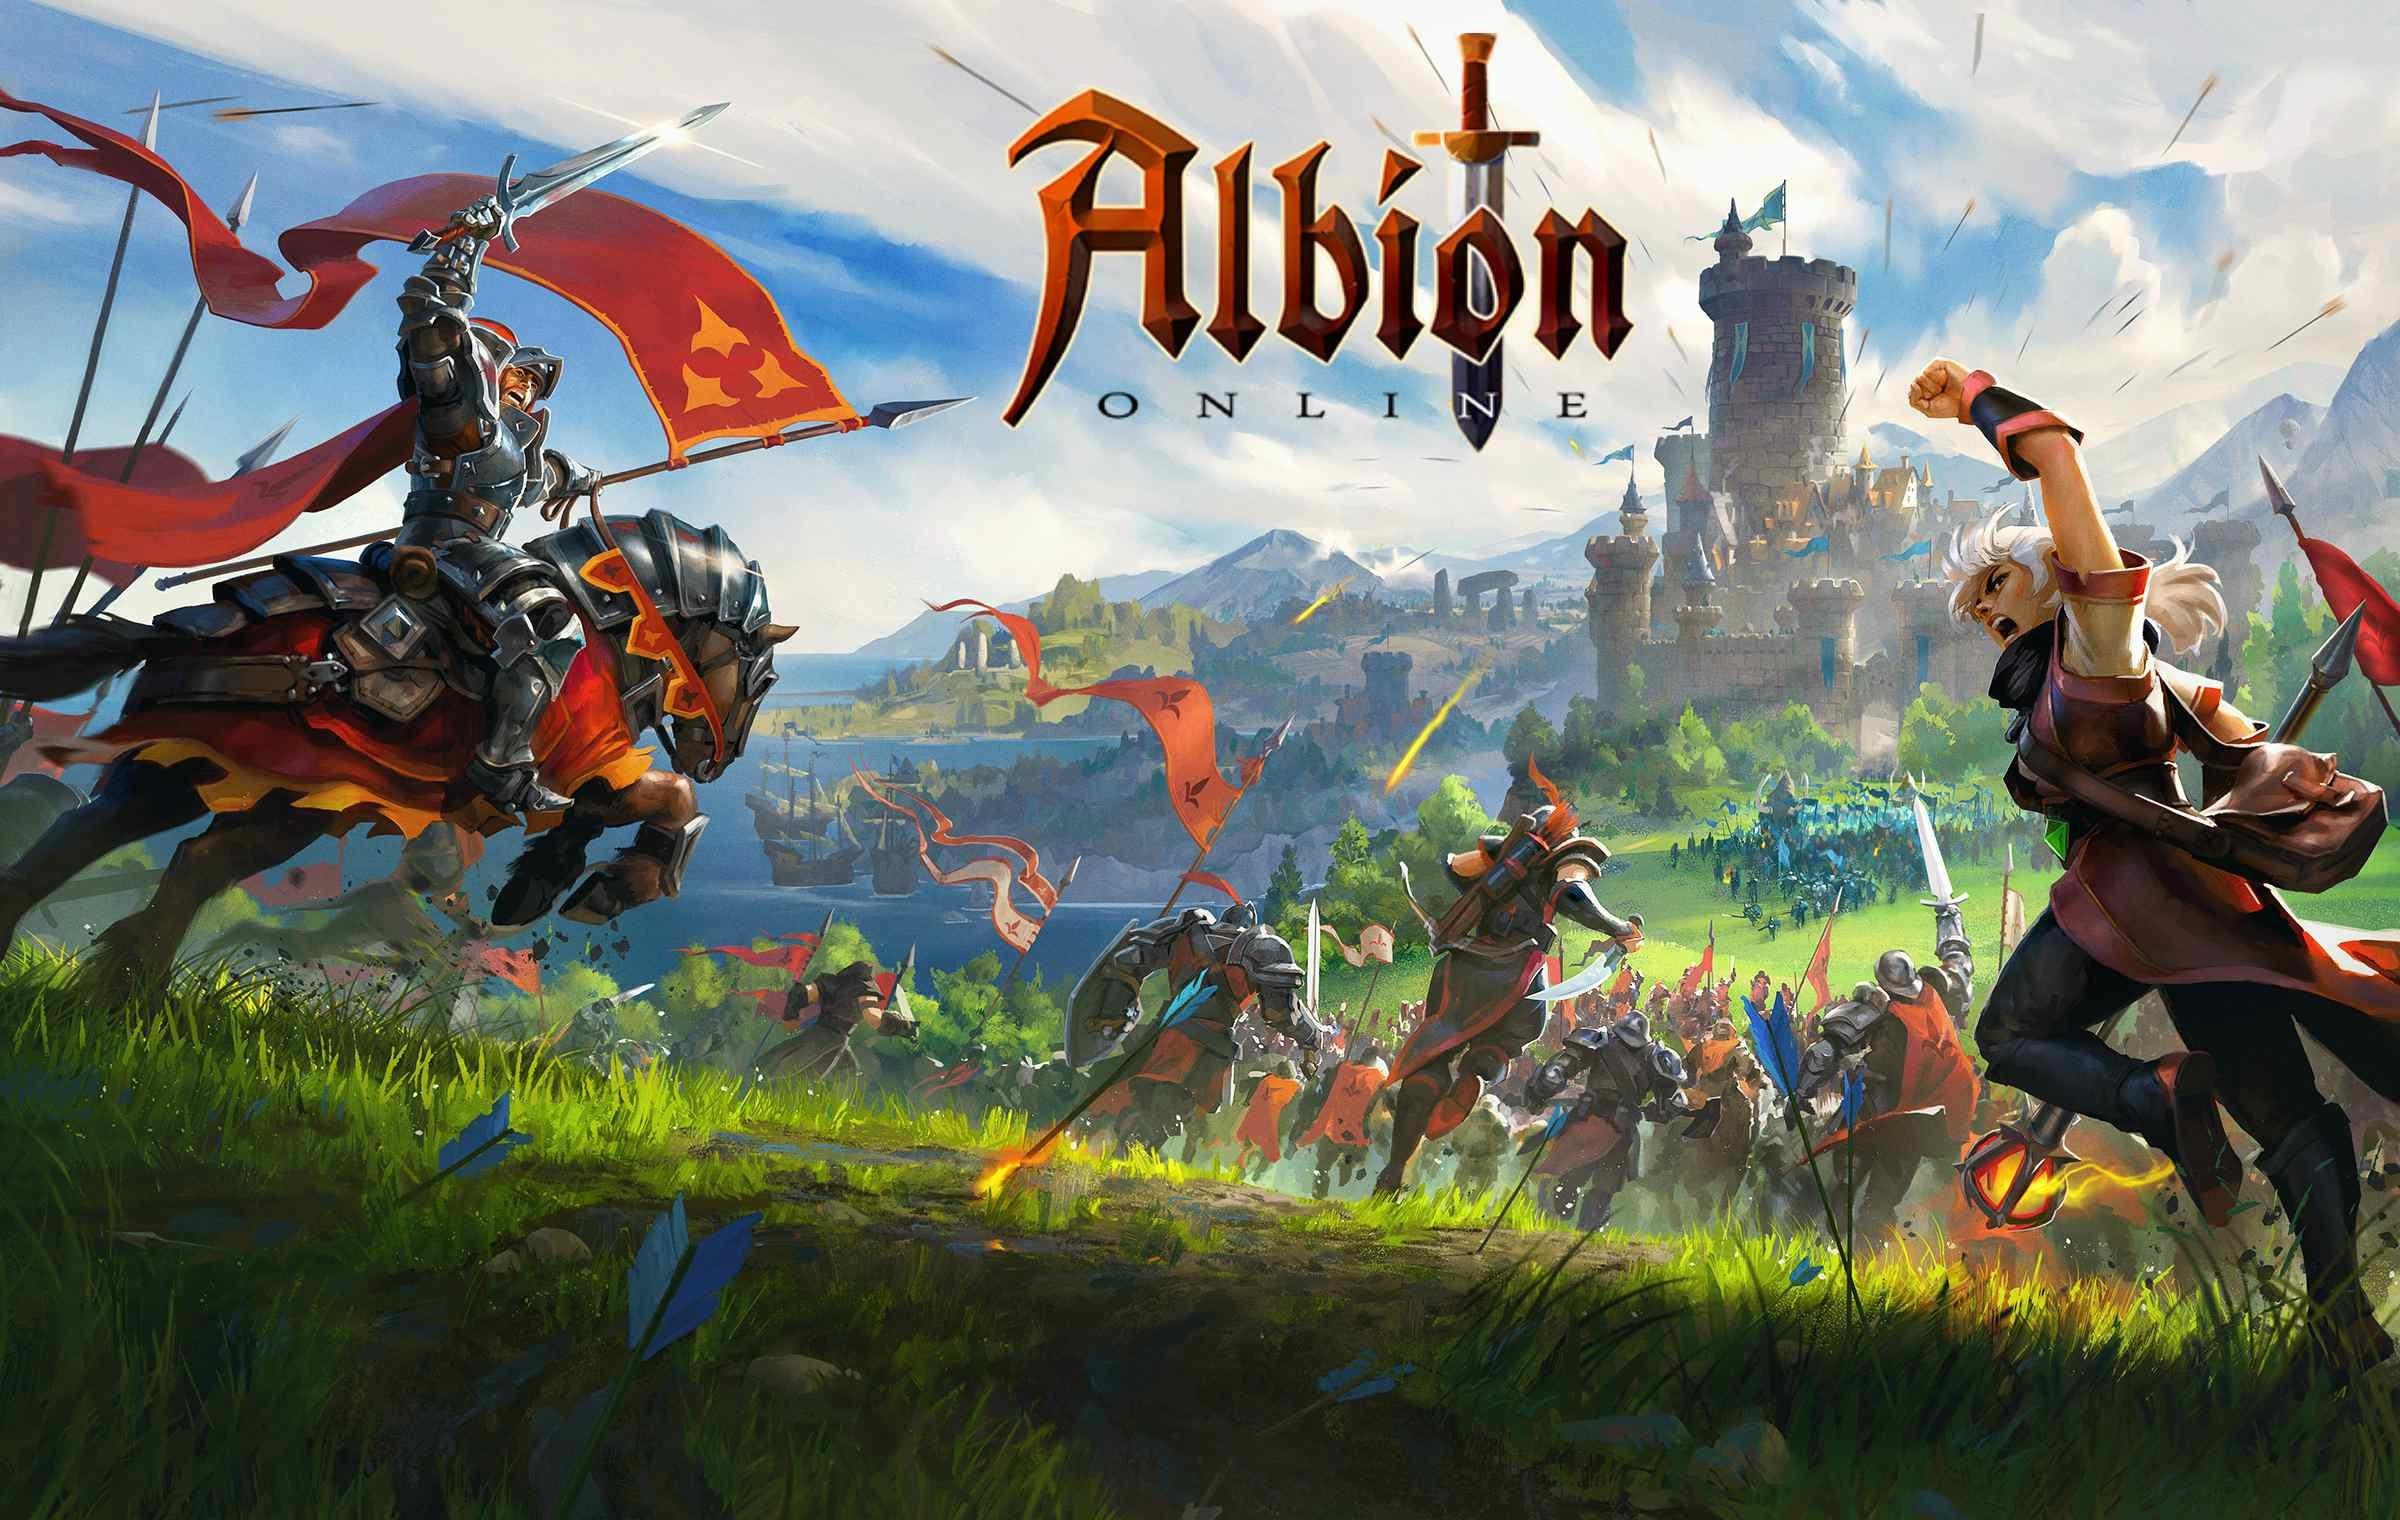 2 Tahun Jadi Game Berbayar, Albion Online Kini Resmi Free to Play -  Gamebrott.com